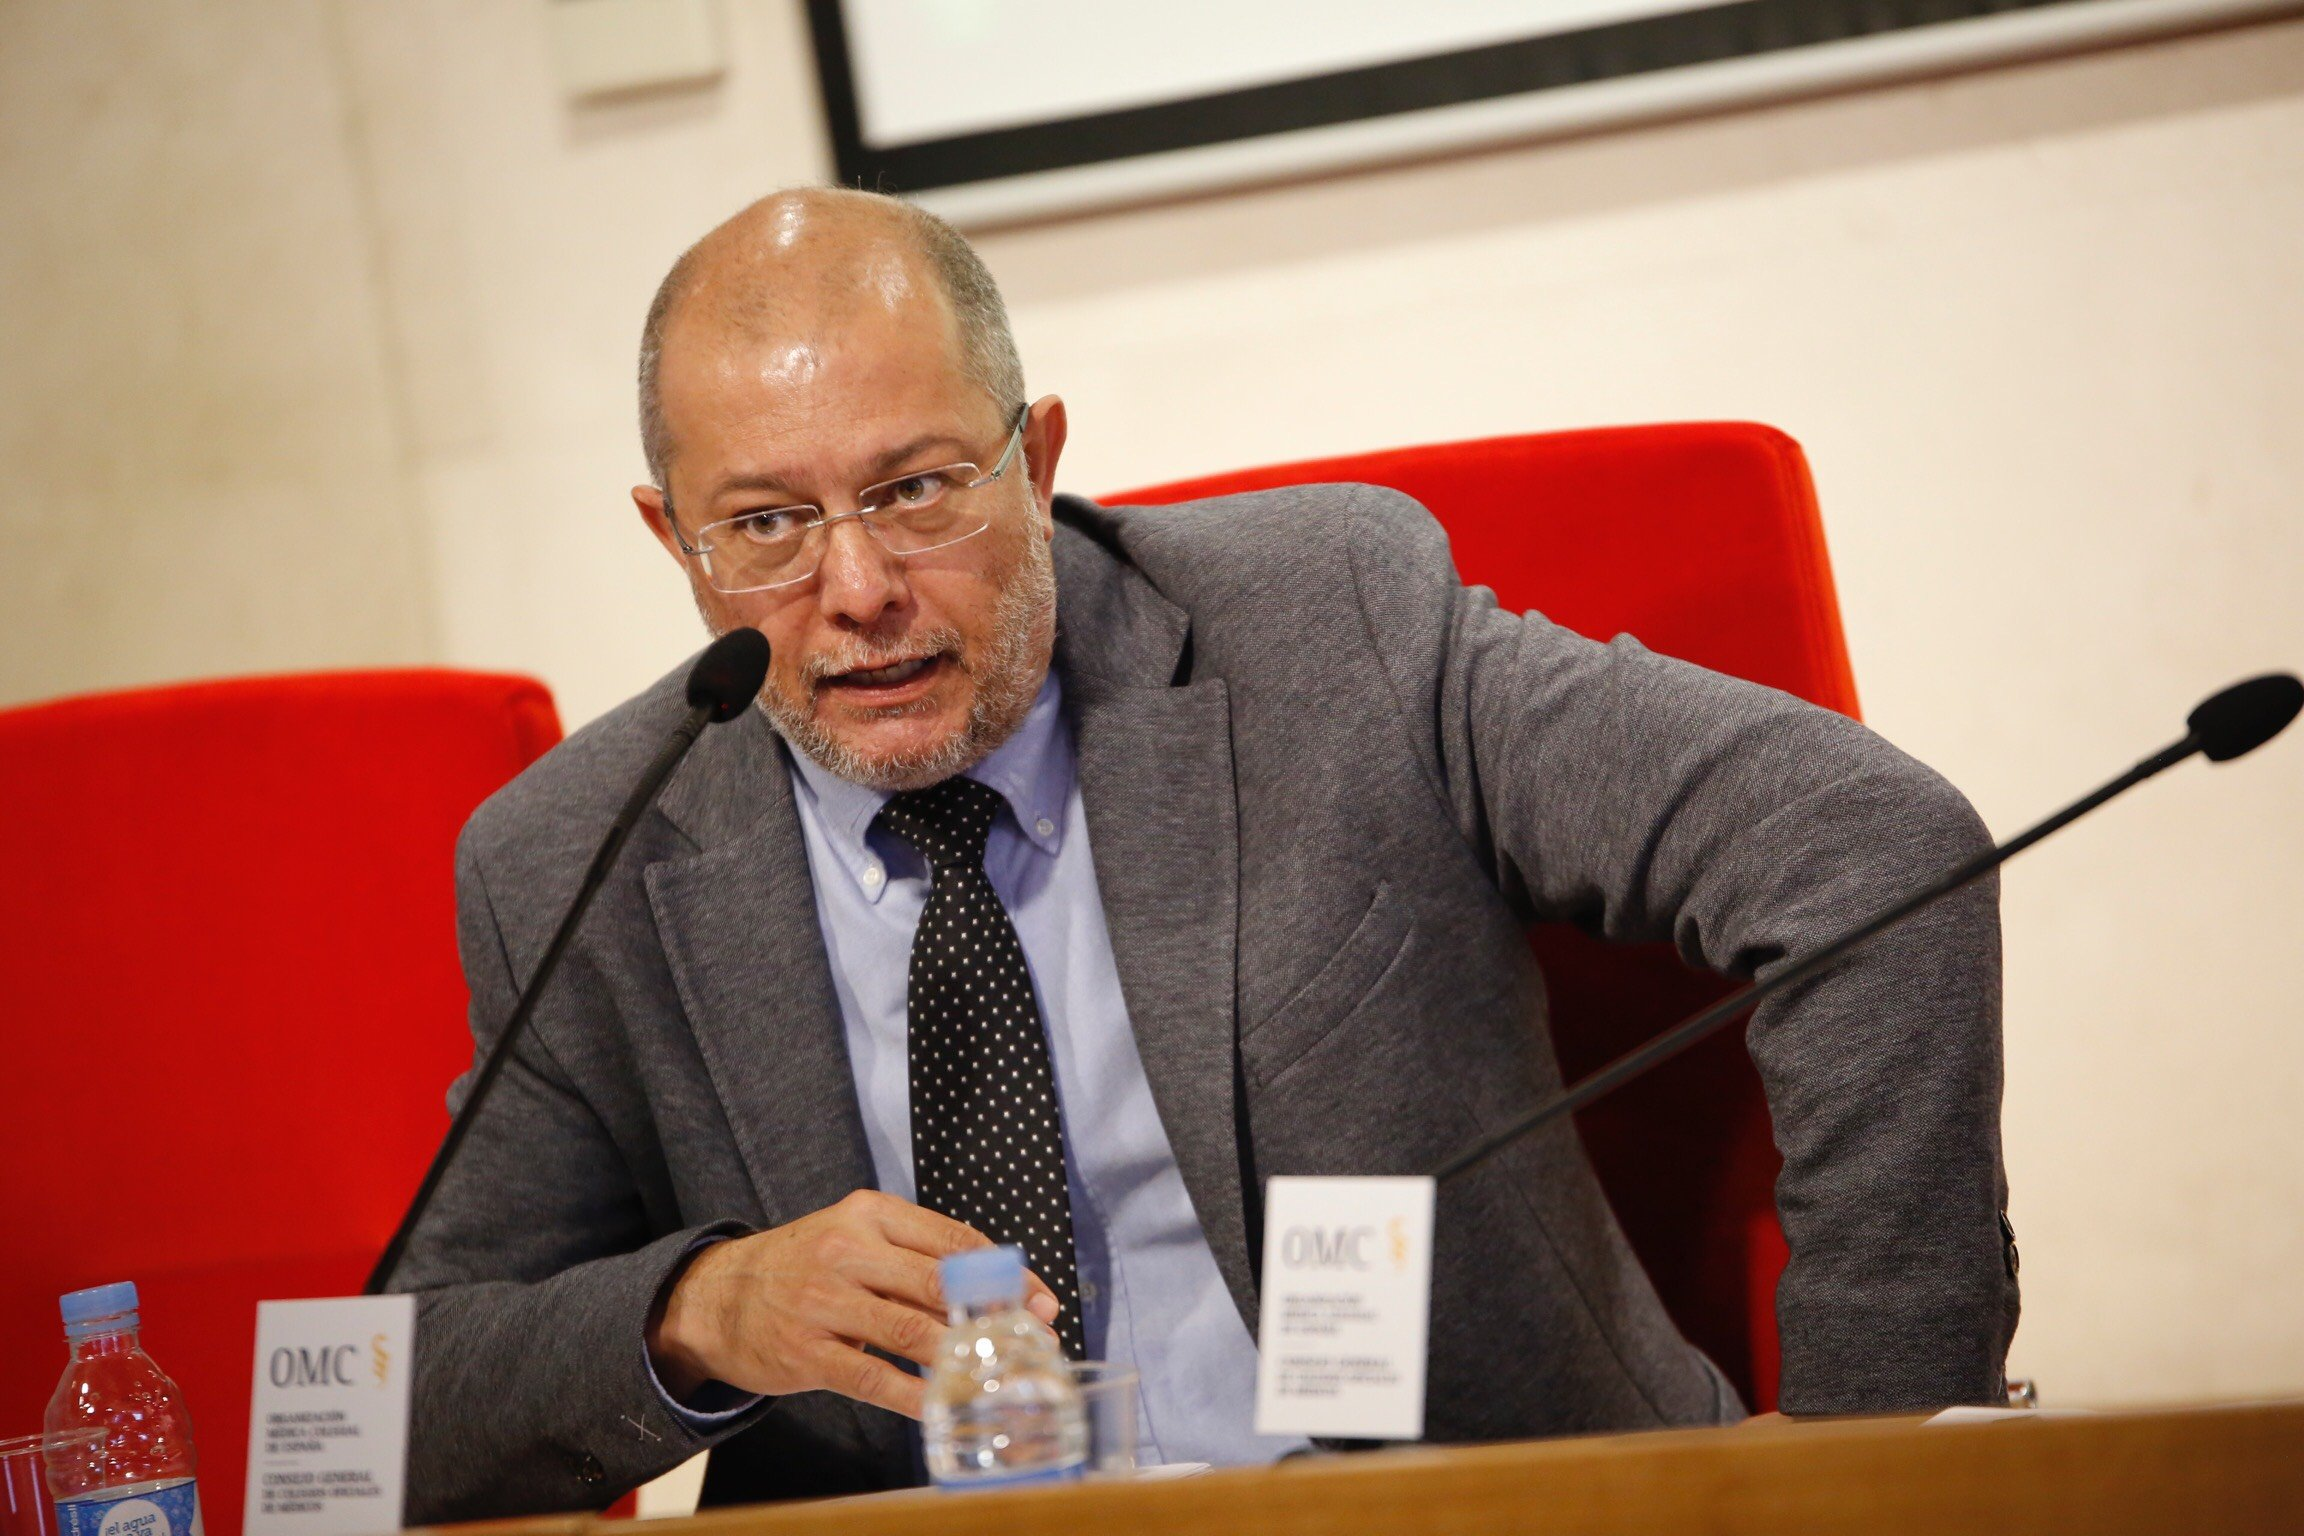 Francisco Igea quiere un cambio... con el PSOE como compañero